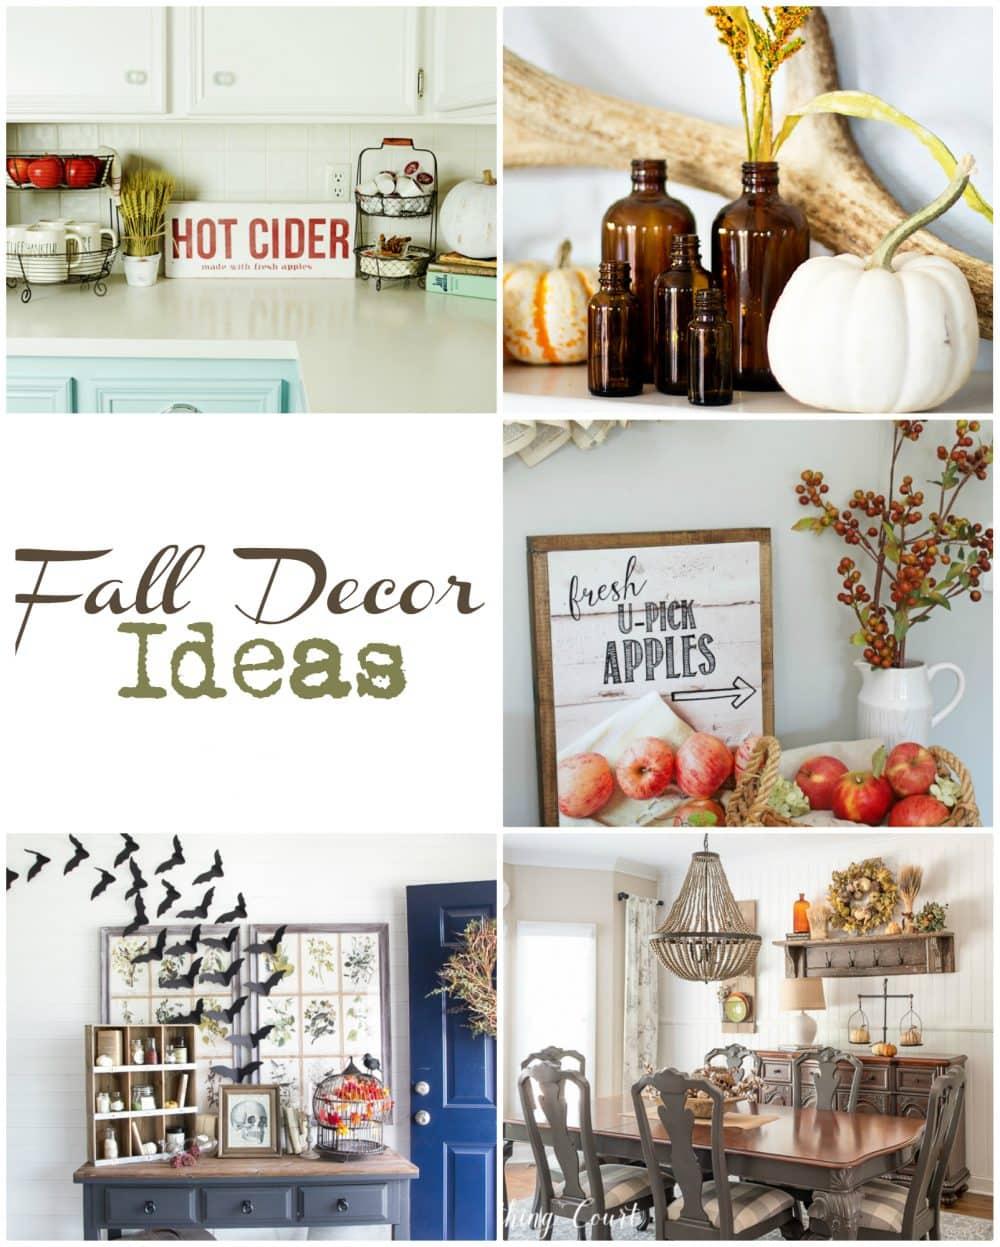 So many cute fall decor ideas!